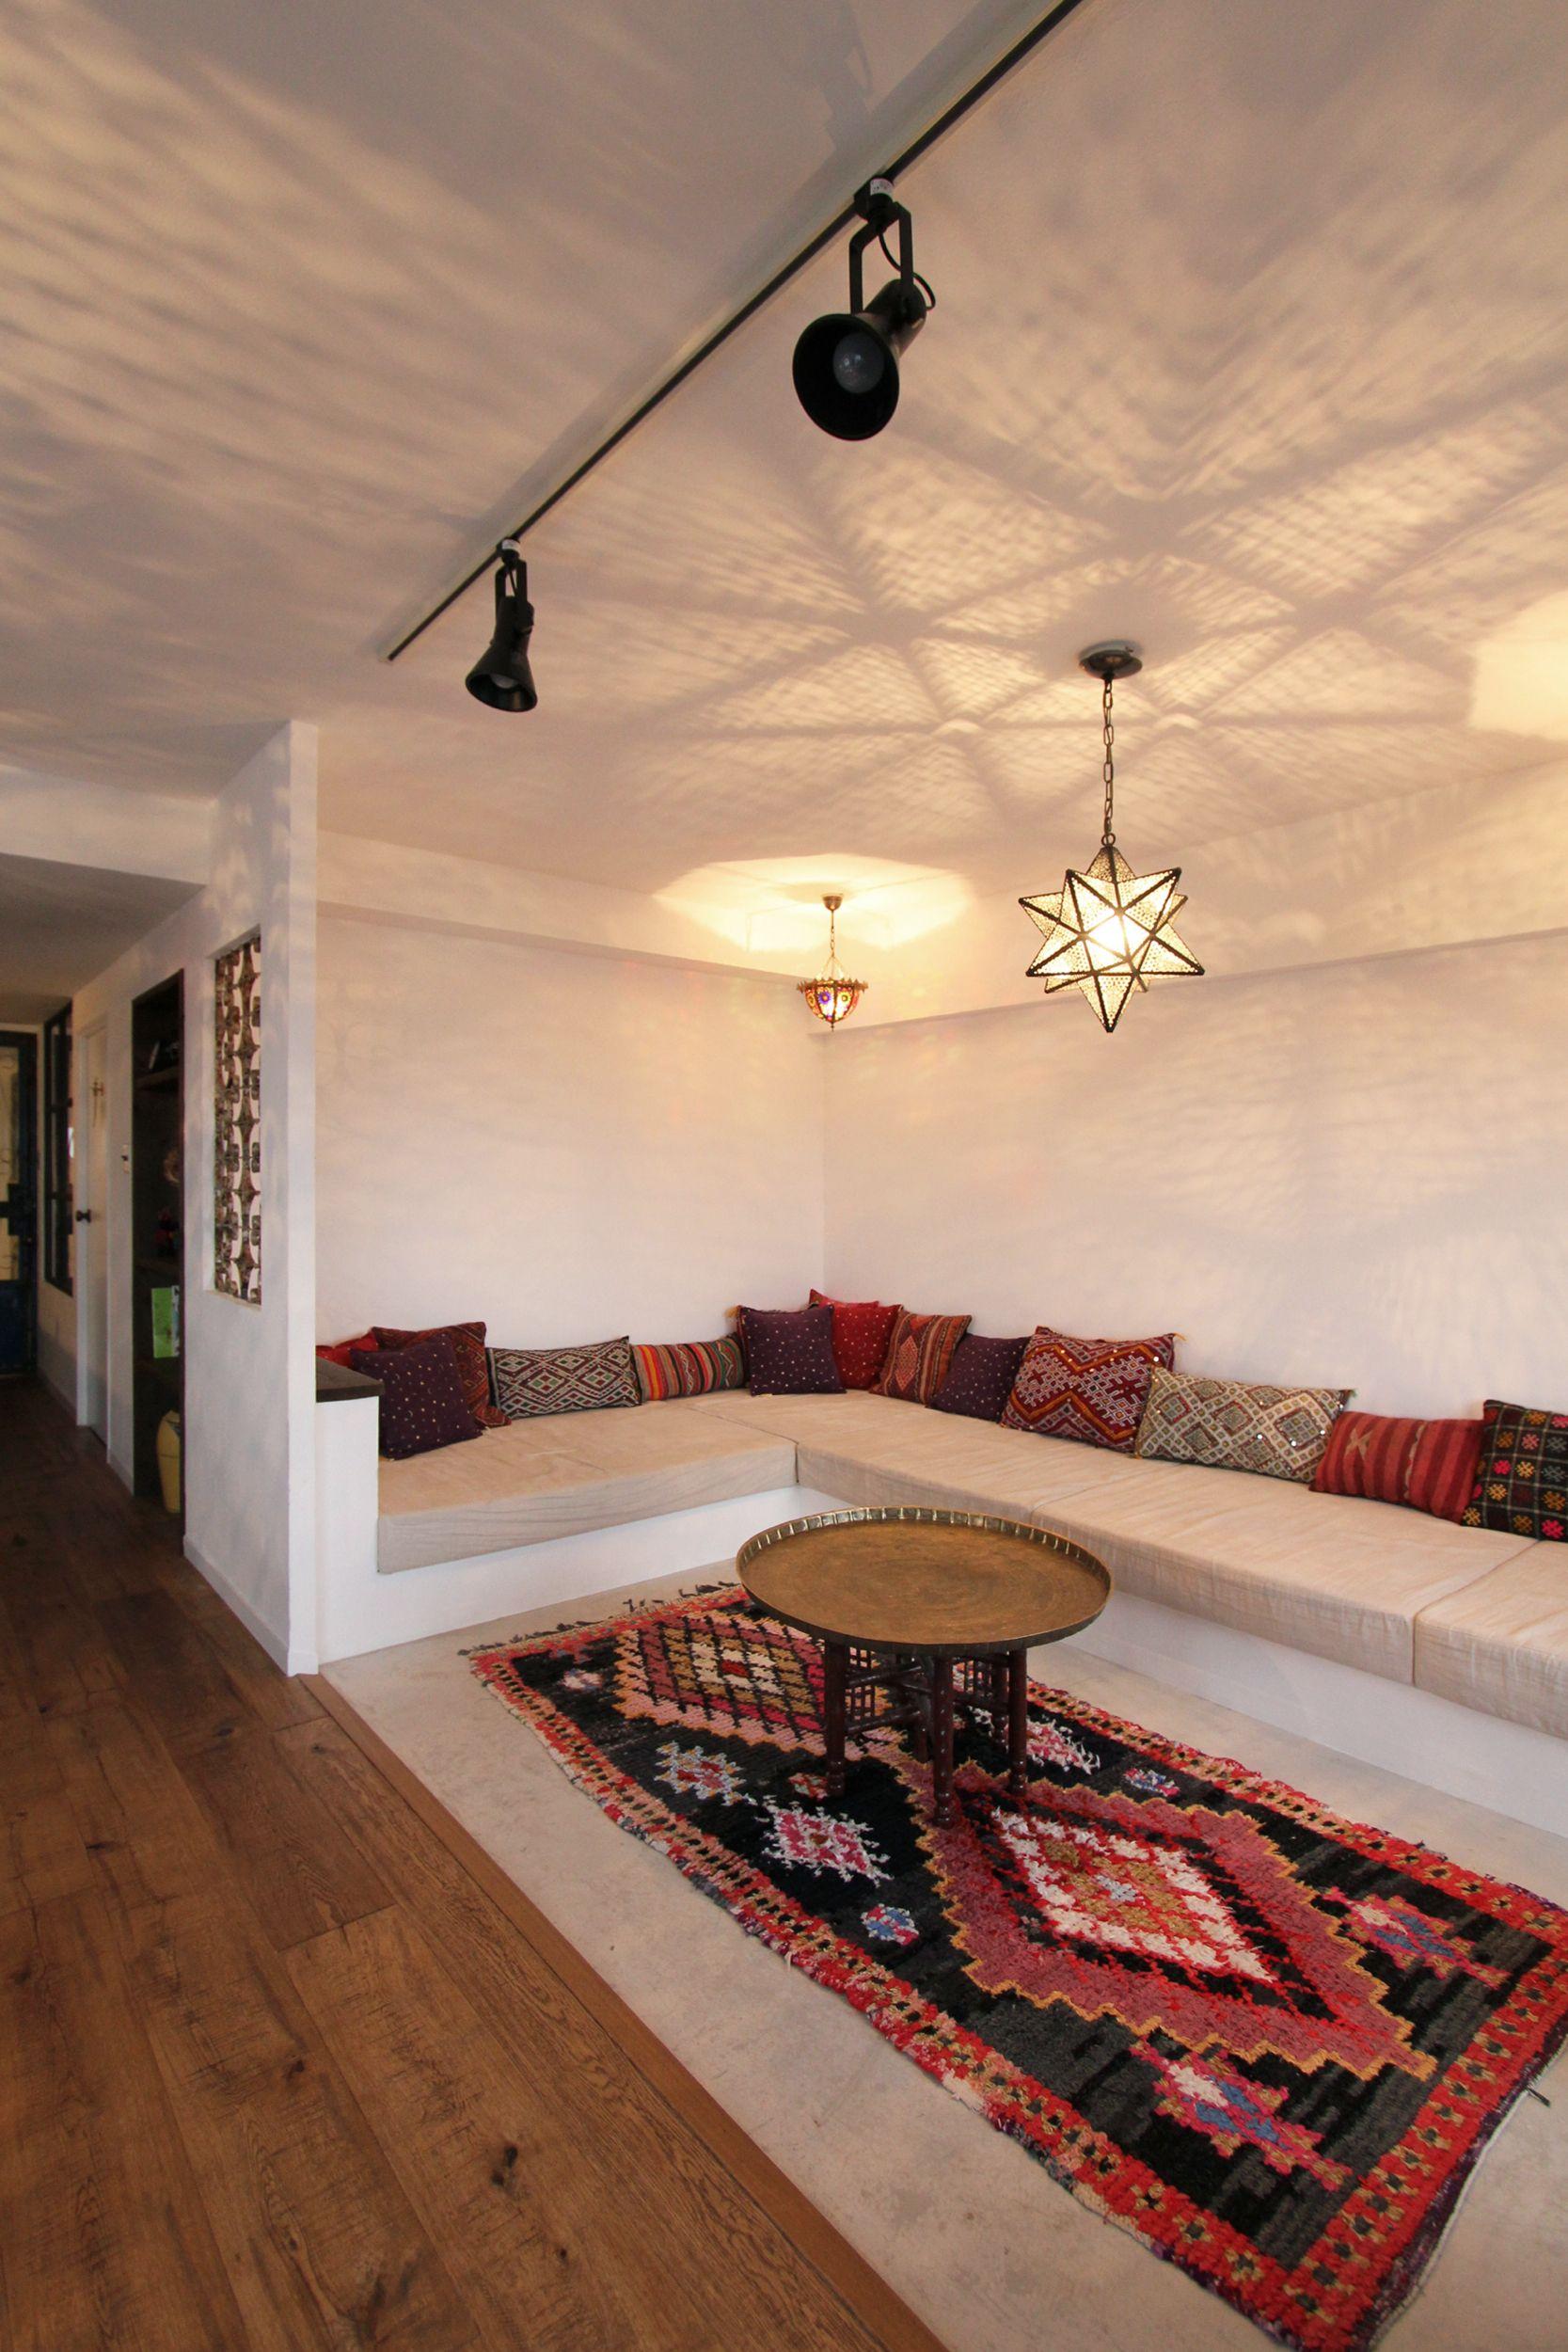 pin von theresa brunner auf kunst pinterest einfamilienhaus wohnzimmer und marokkanische. Black Bedroom Furniture Sets. Home Design Ideas